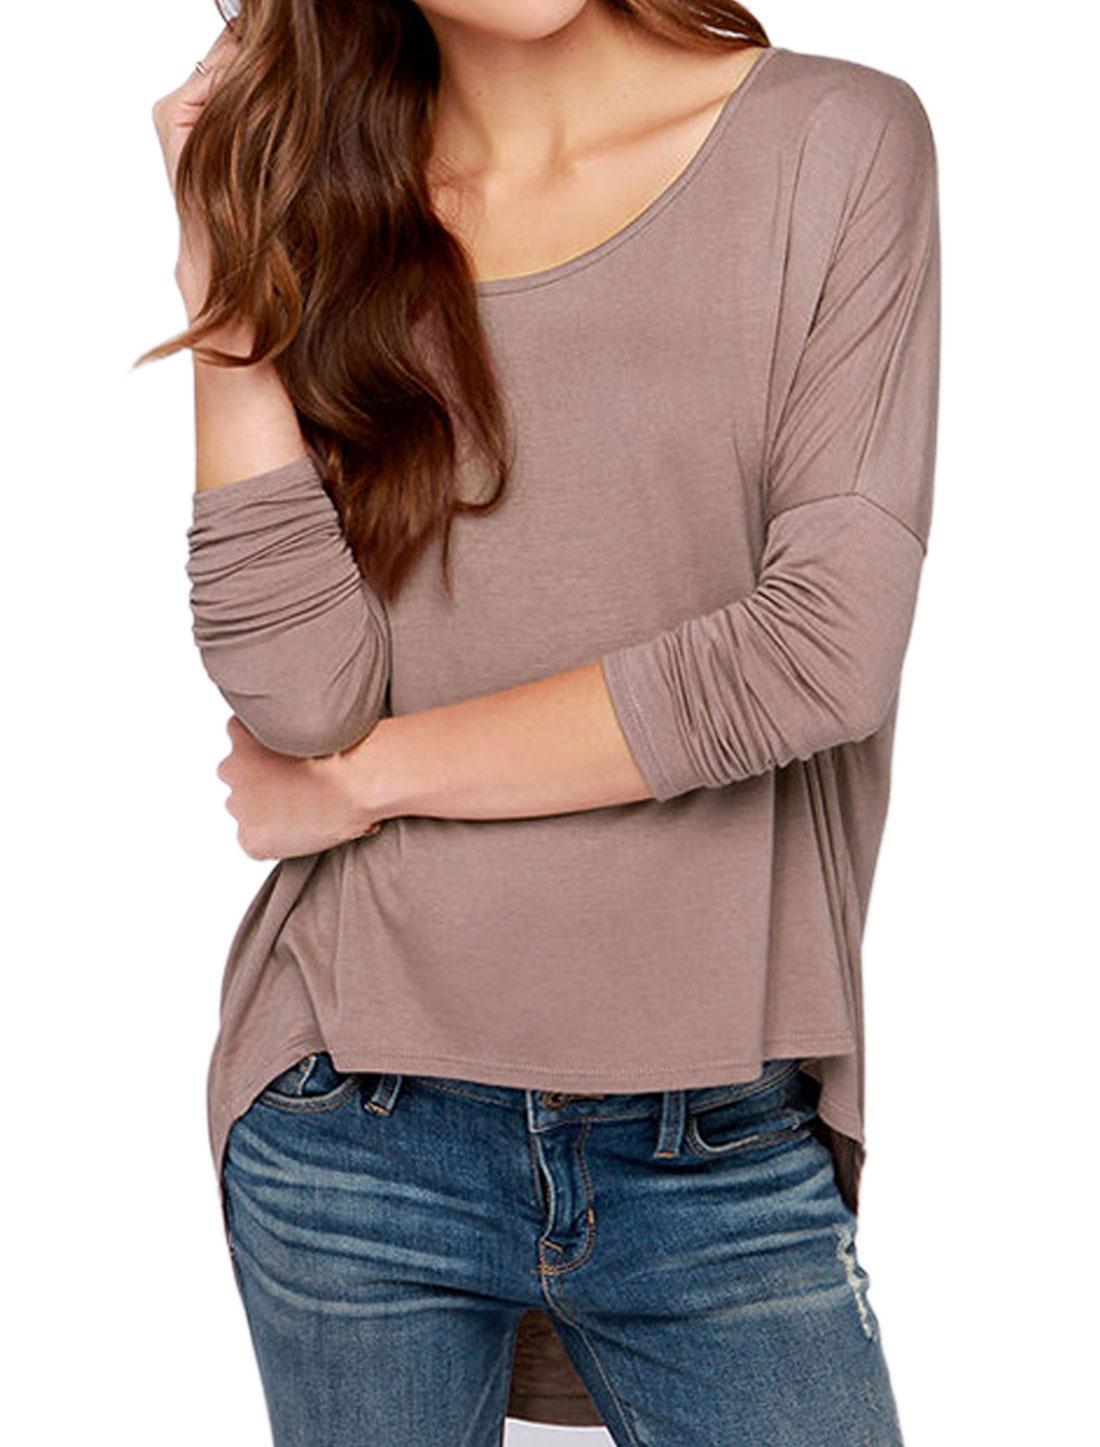 Ladies Dolman Sleeves Loose Fit High Low Hem Leisure Top Brown S